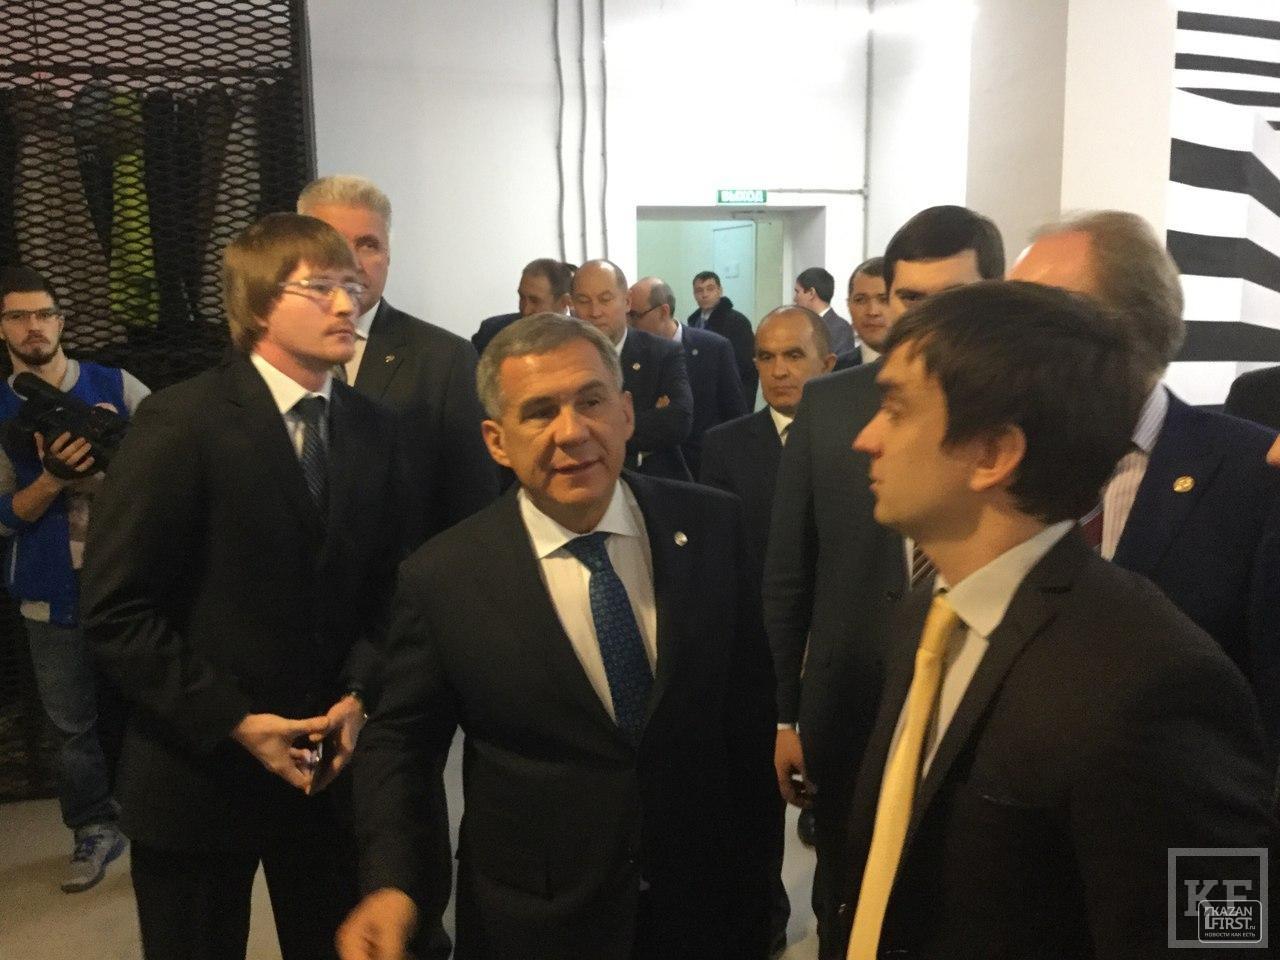 Айдар Акмалов: «Надо, чтобы у молодого человека были инструкции и  было представление, какие возможности есть в республике, чтобы не искать что-то на стороне»